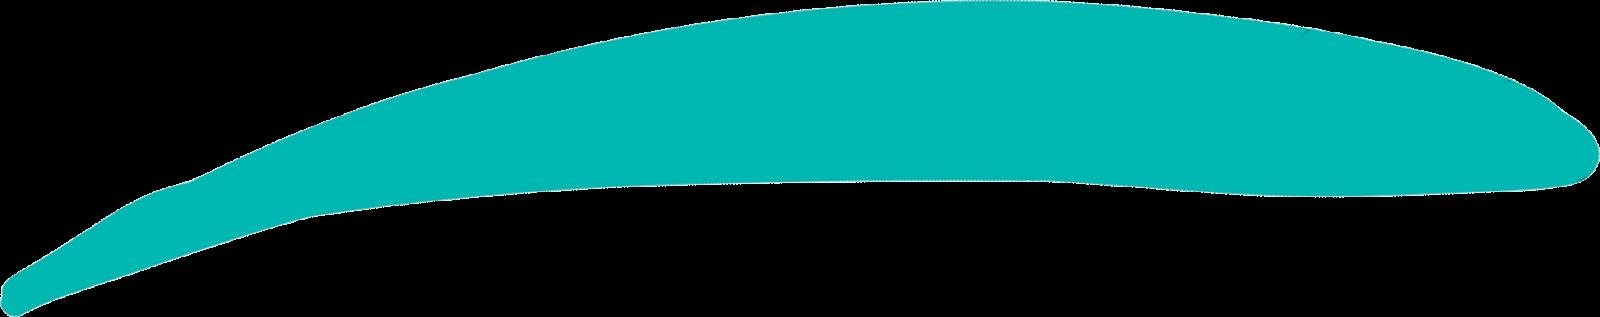 deltagare-nu-titel-2